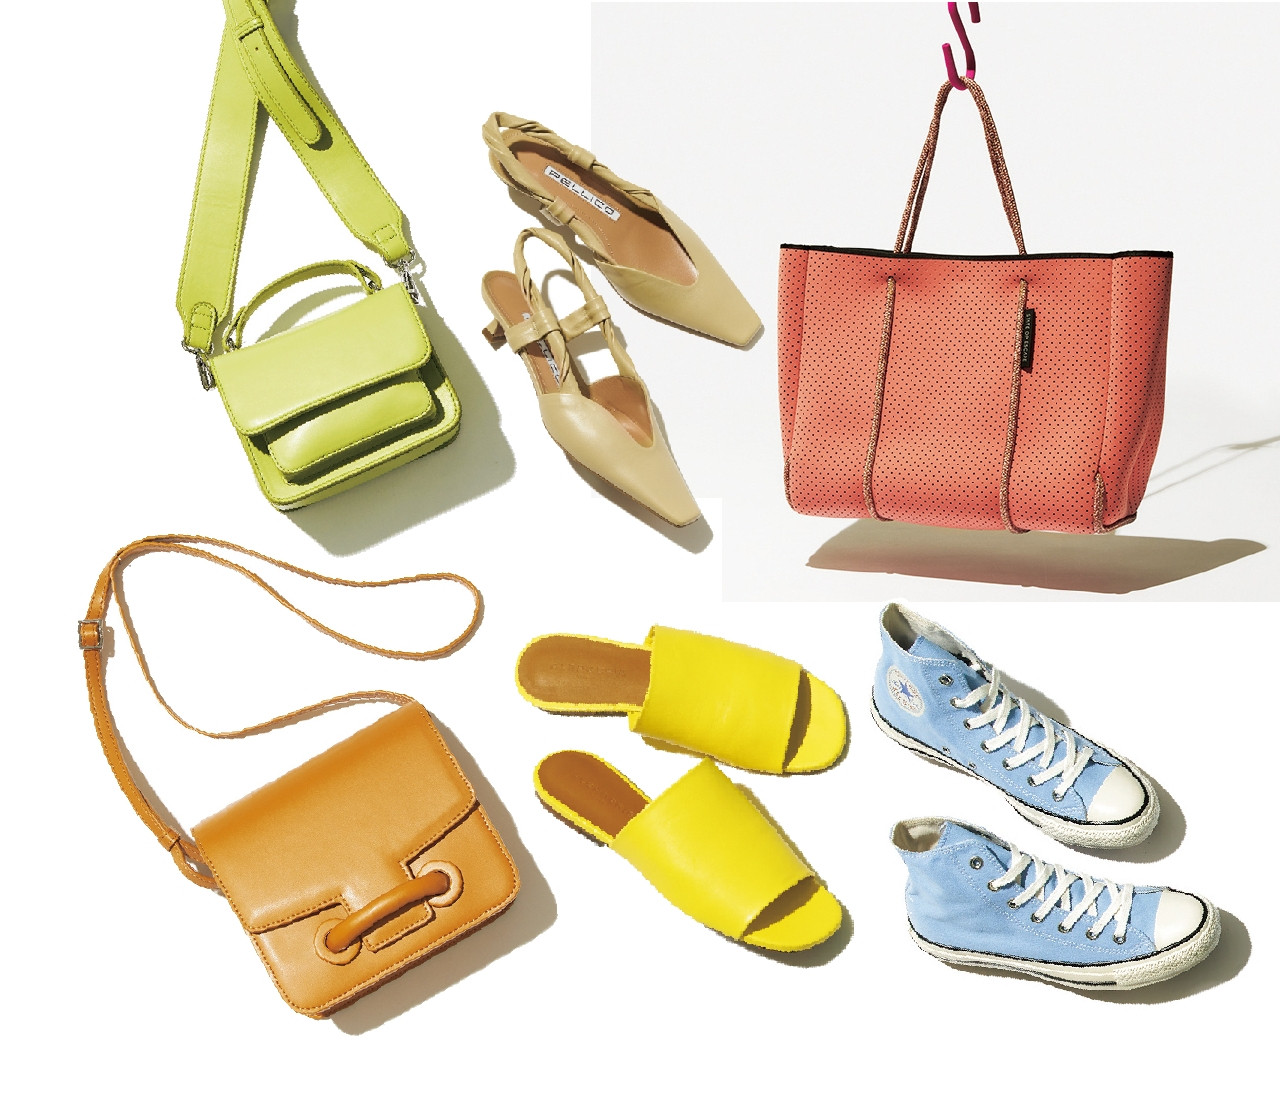 【2021春の靴&バッグ59選】トレンド感満載の靴とバッグをまとめてチェック!